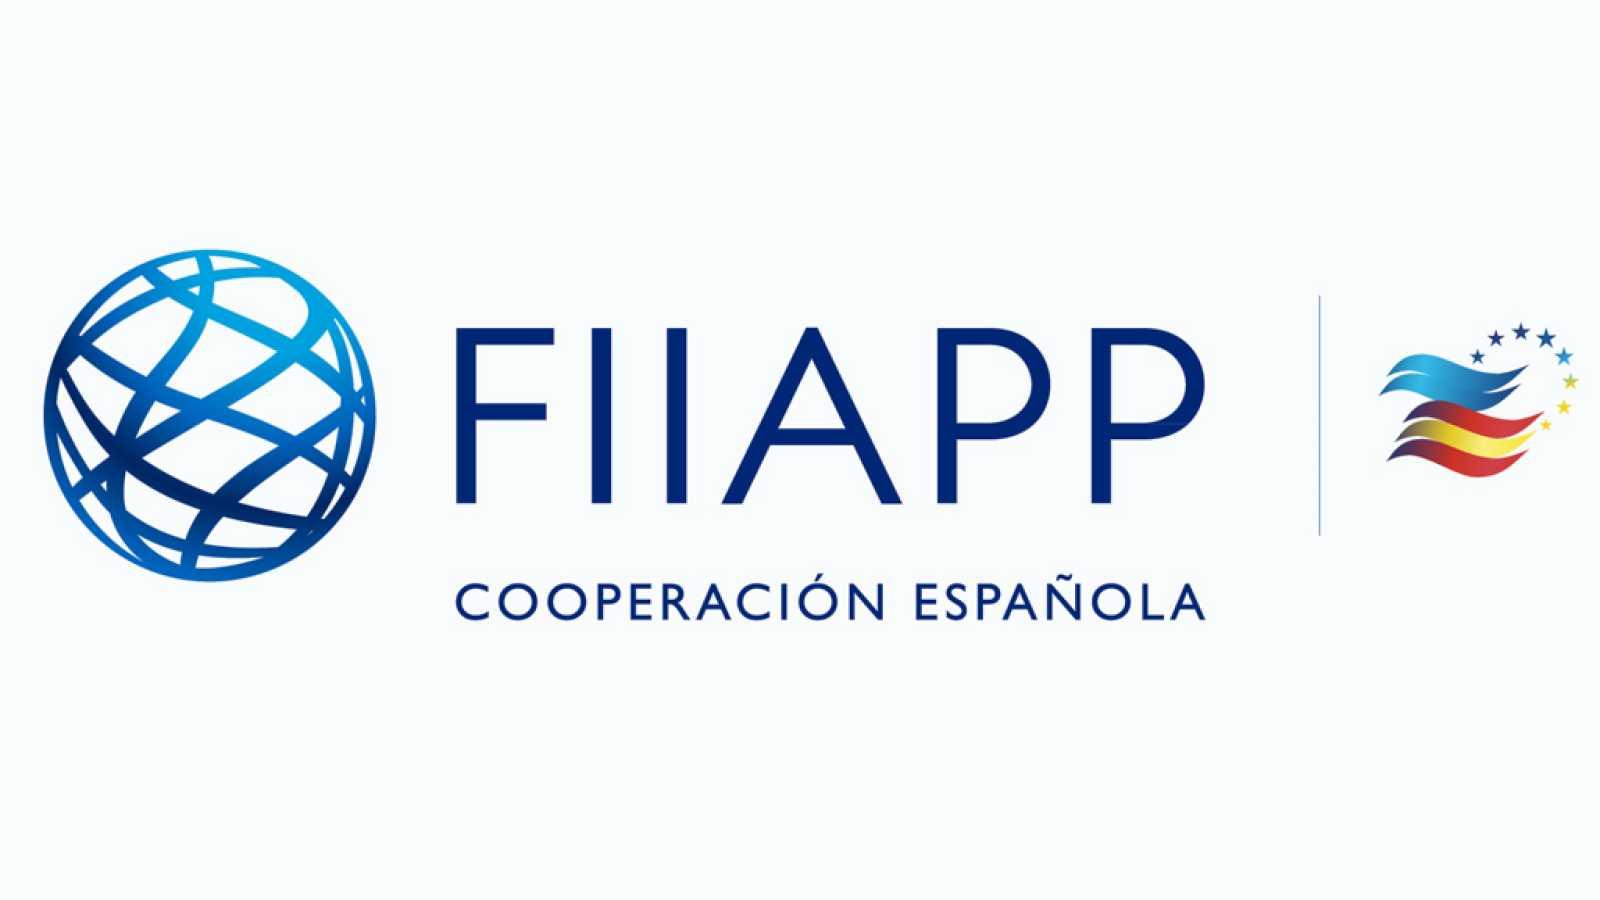 Cooperación pública en el mundo - El derecho a la información - 29/09/21 - escuchar ahora